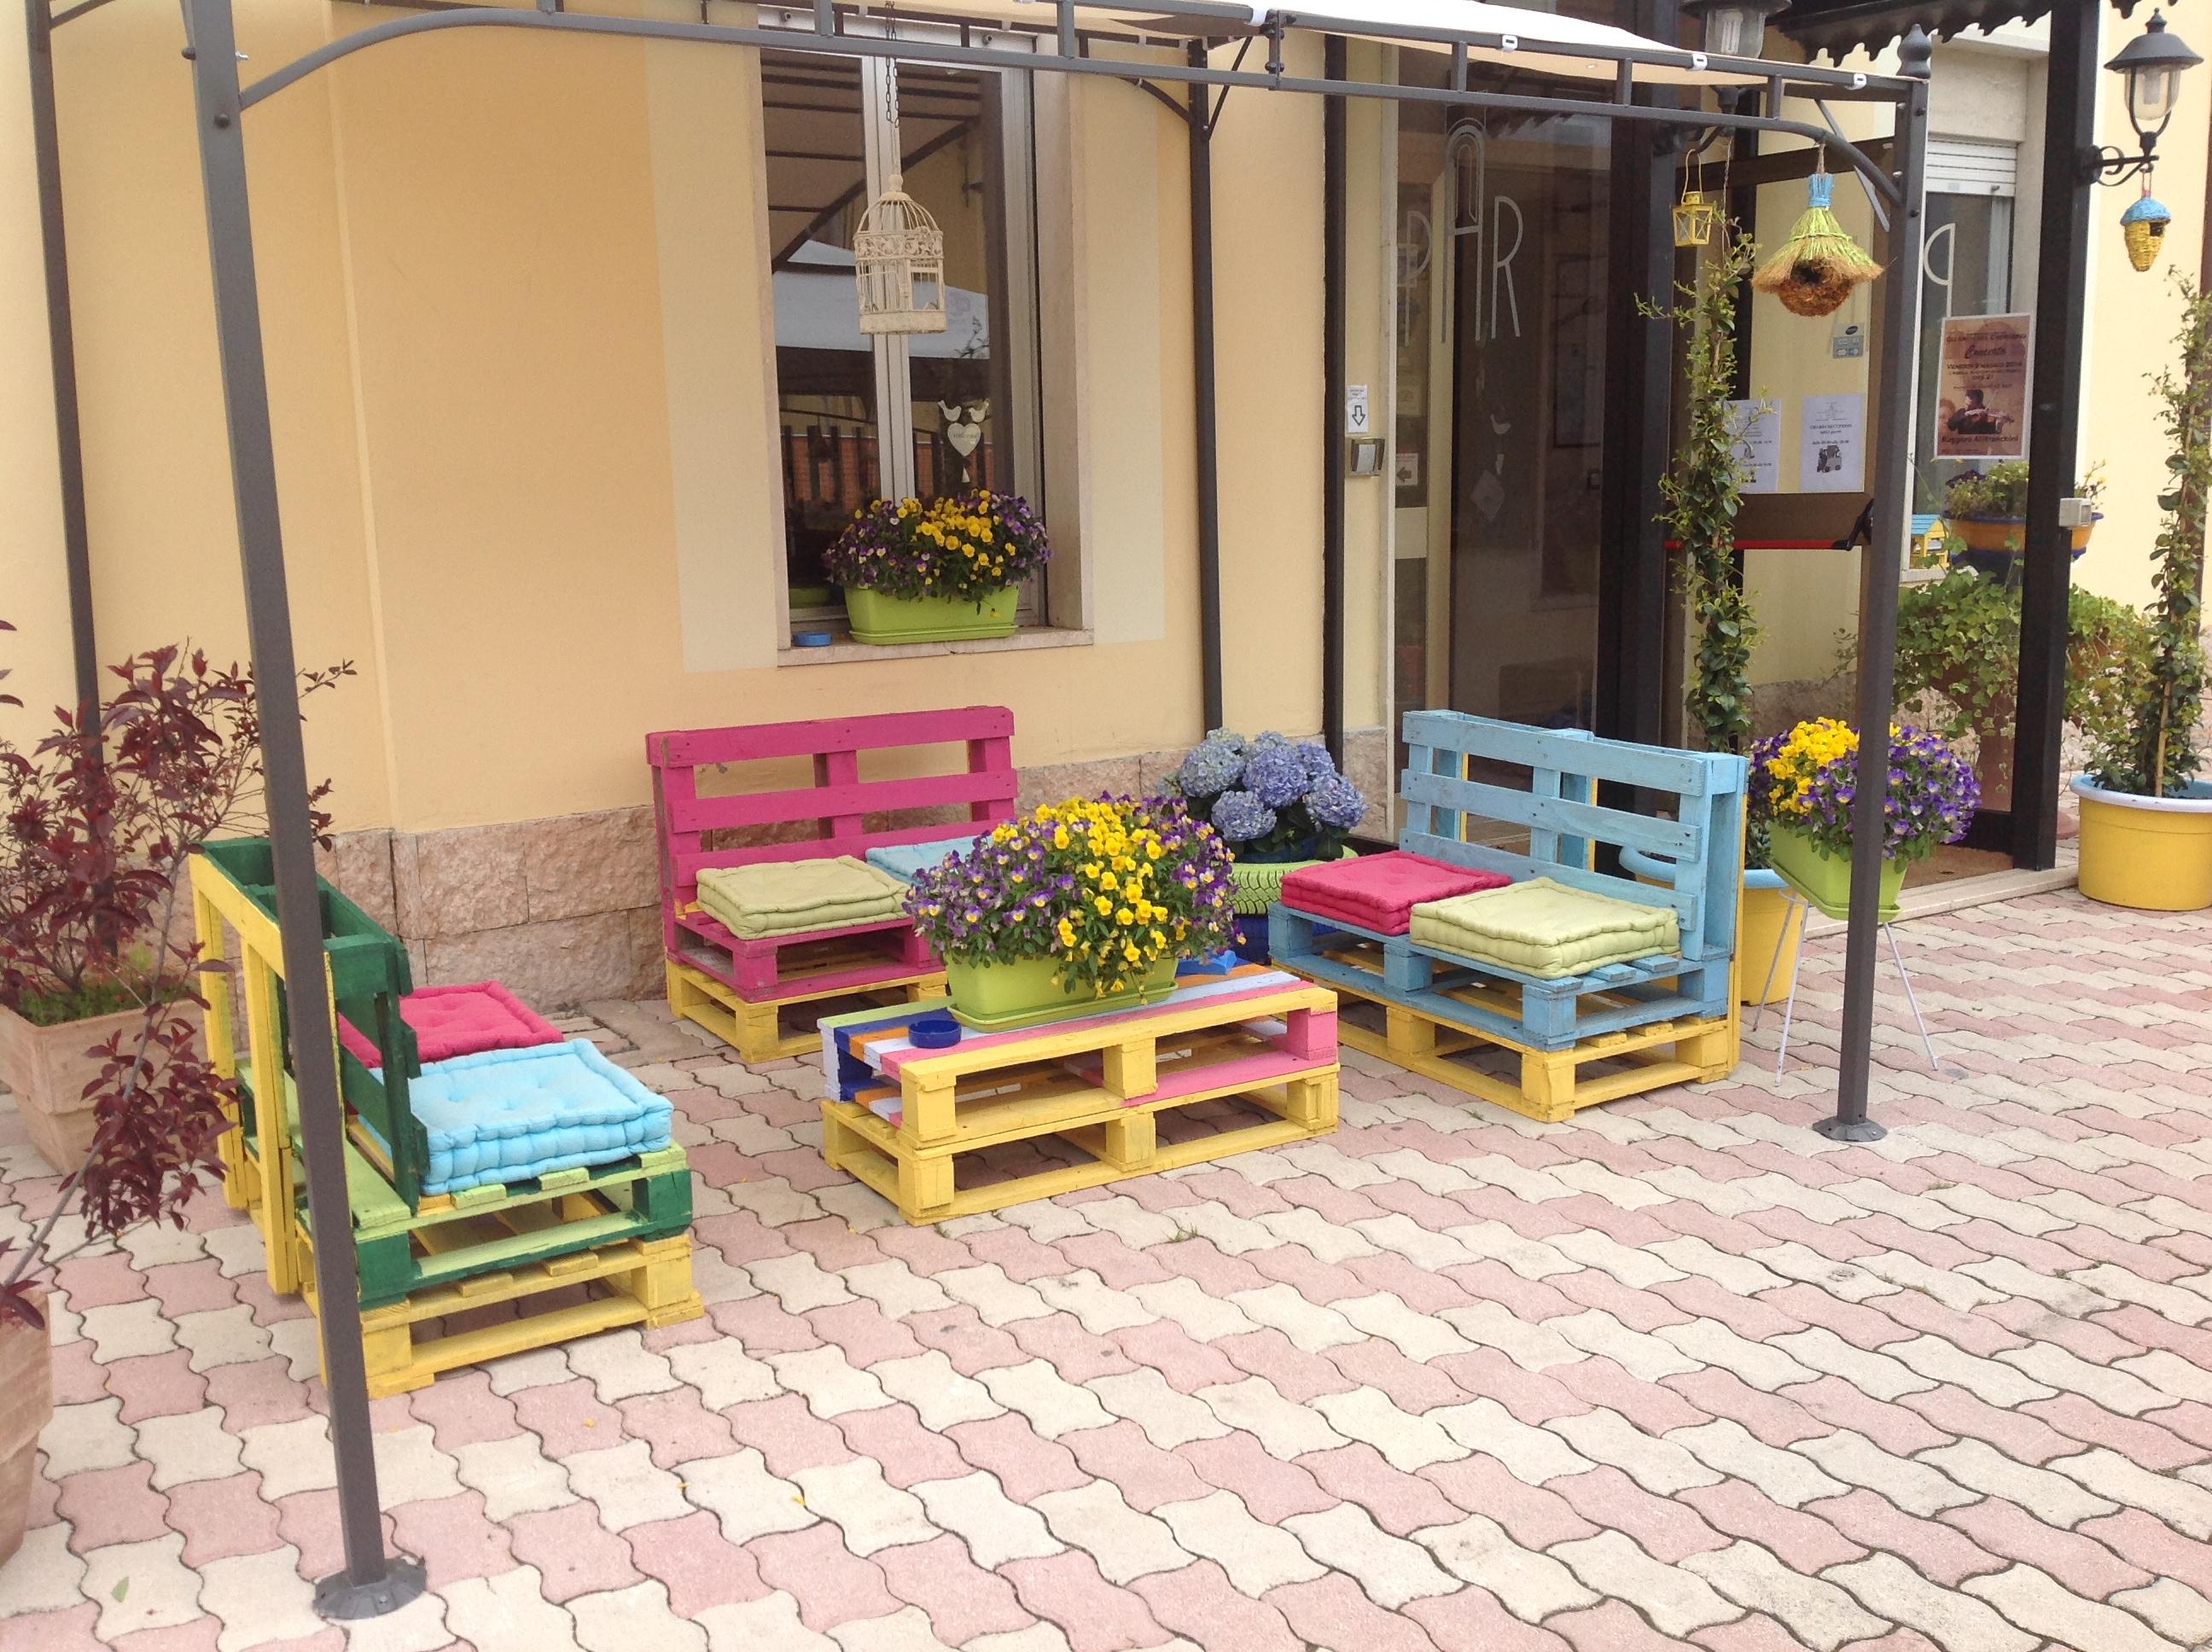 Porta rivera hostel wolftour tour operator in abruzzo - Porta rivera hostel ...